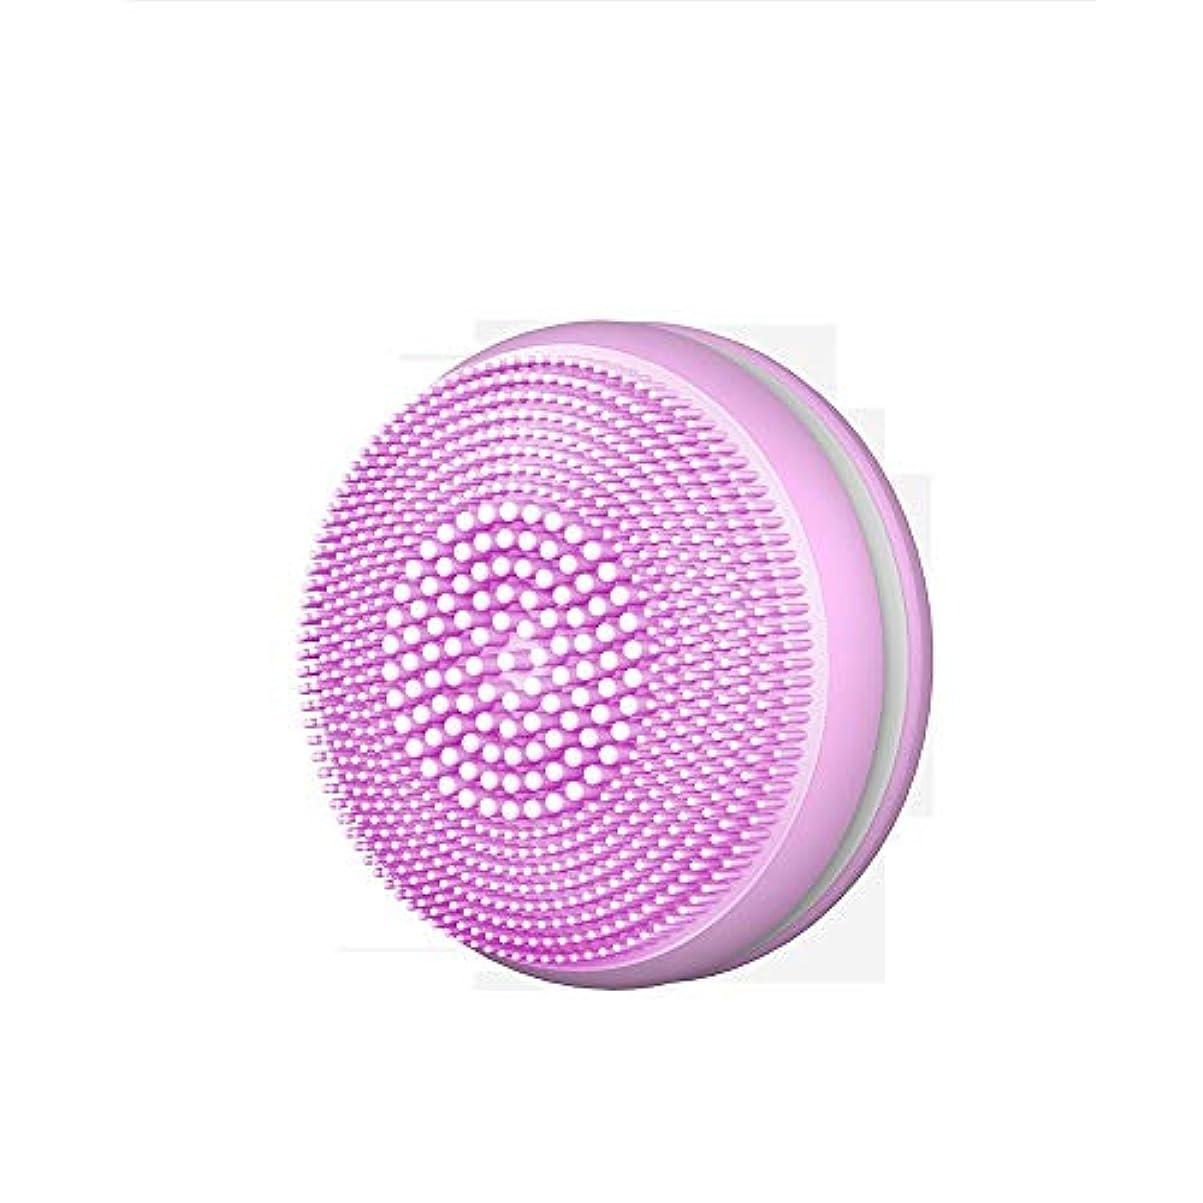 賢い休眠地上のZXF 新しいマカロン形状シリコーンクリーナー電気掃除毛穴美容器具ミニ超音波洗浄器具マッサージ器具 滑らかである (色 : Pink)